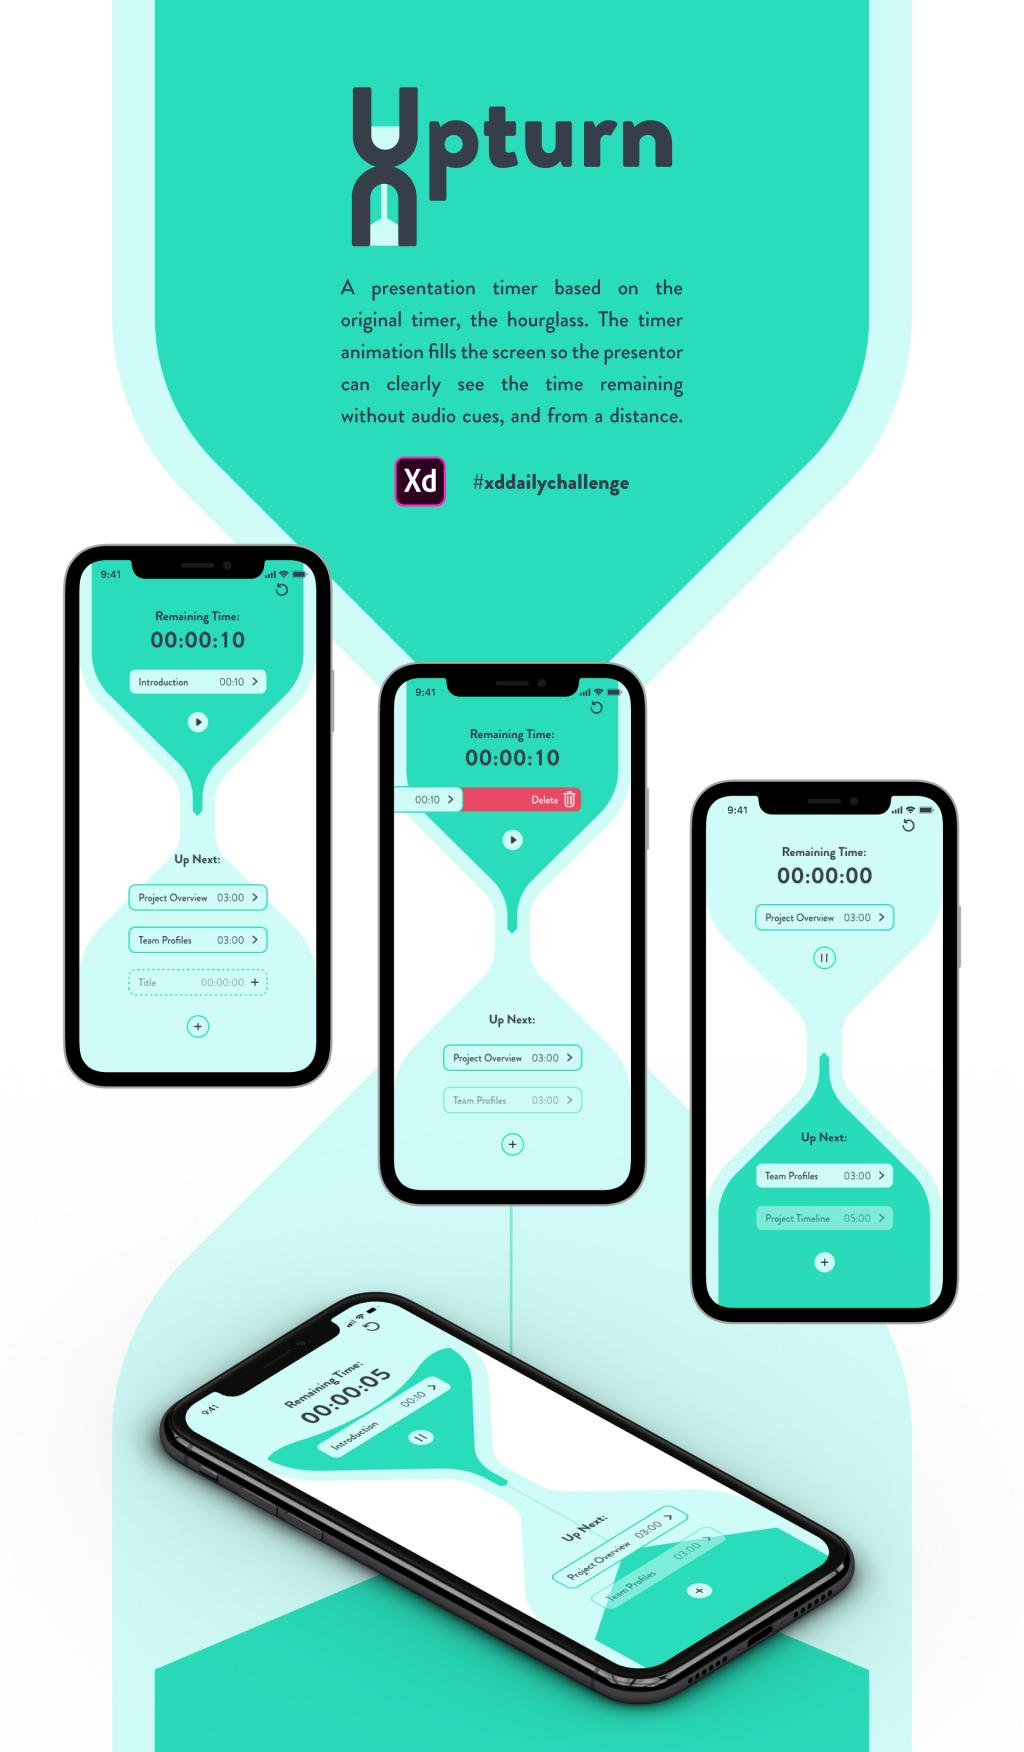 Mockup for a design for a presentation timer app.